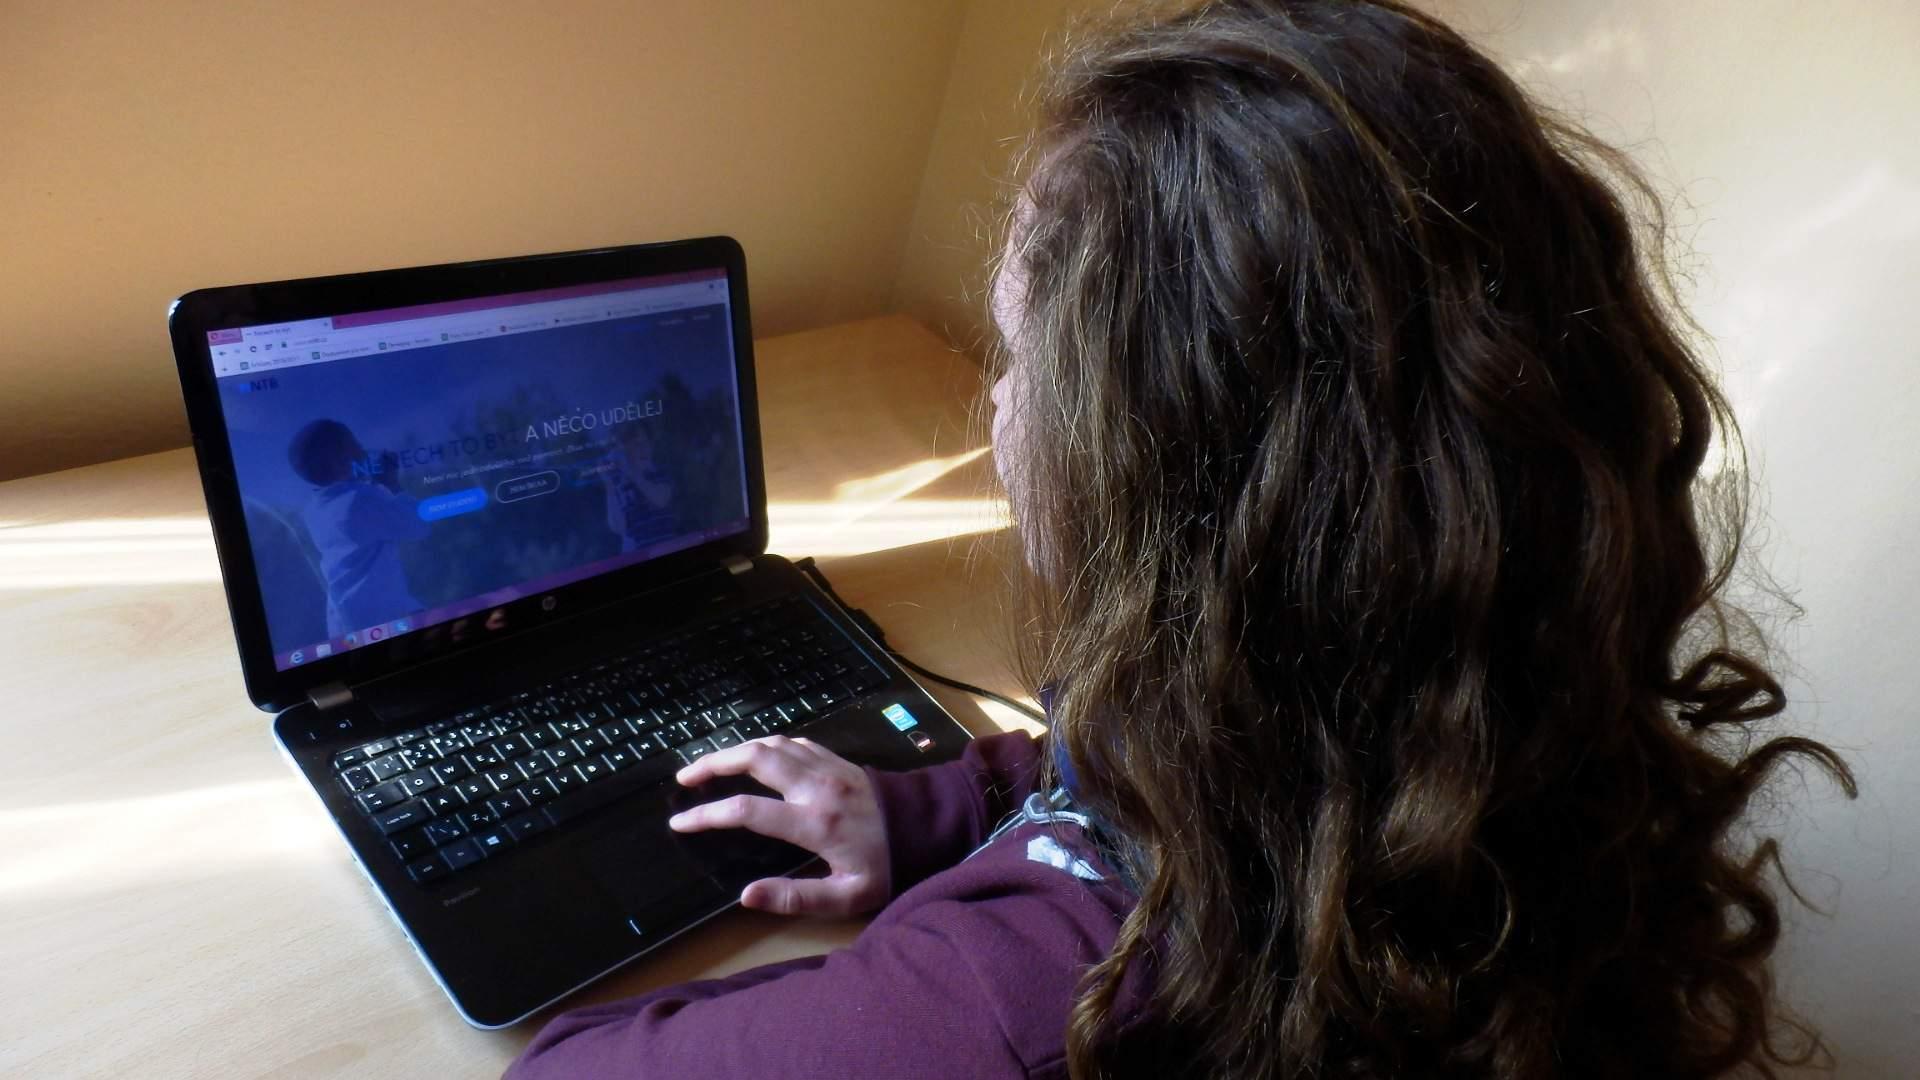 Studenti spustili nový web, na kterém svědci mohou hlásit oběti šikany. Foto: Miroslav Hanus